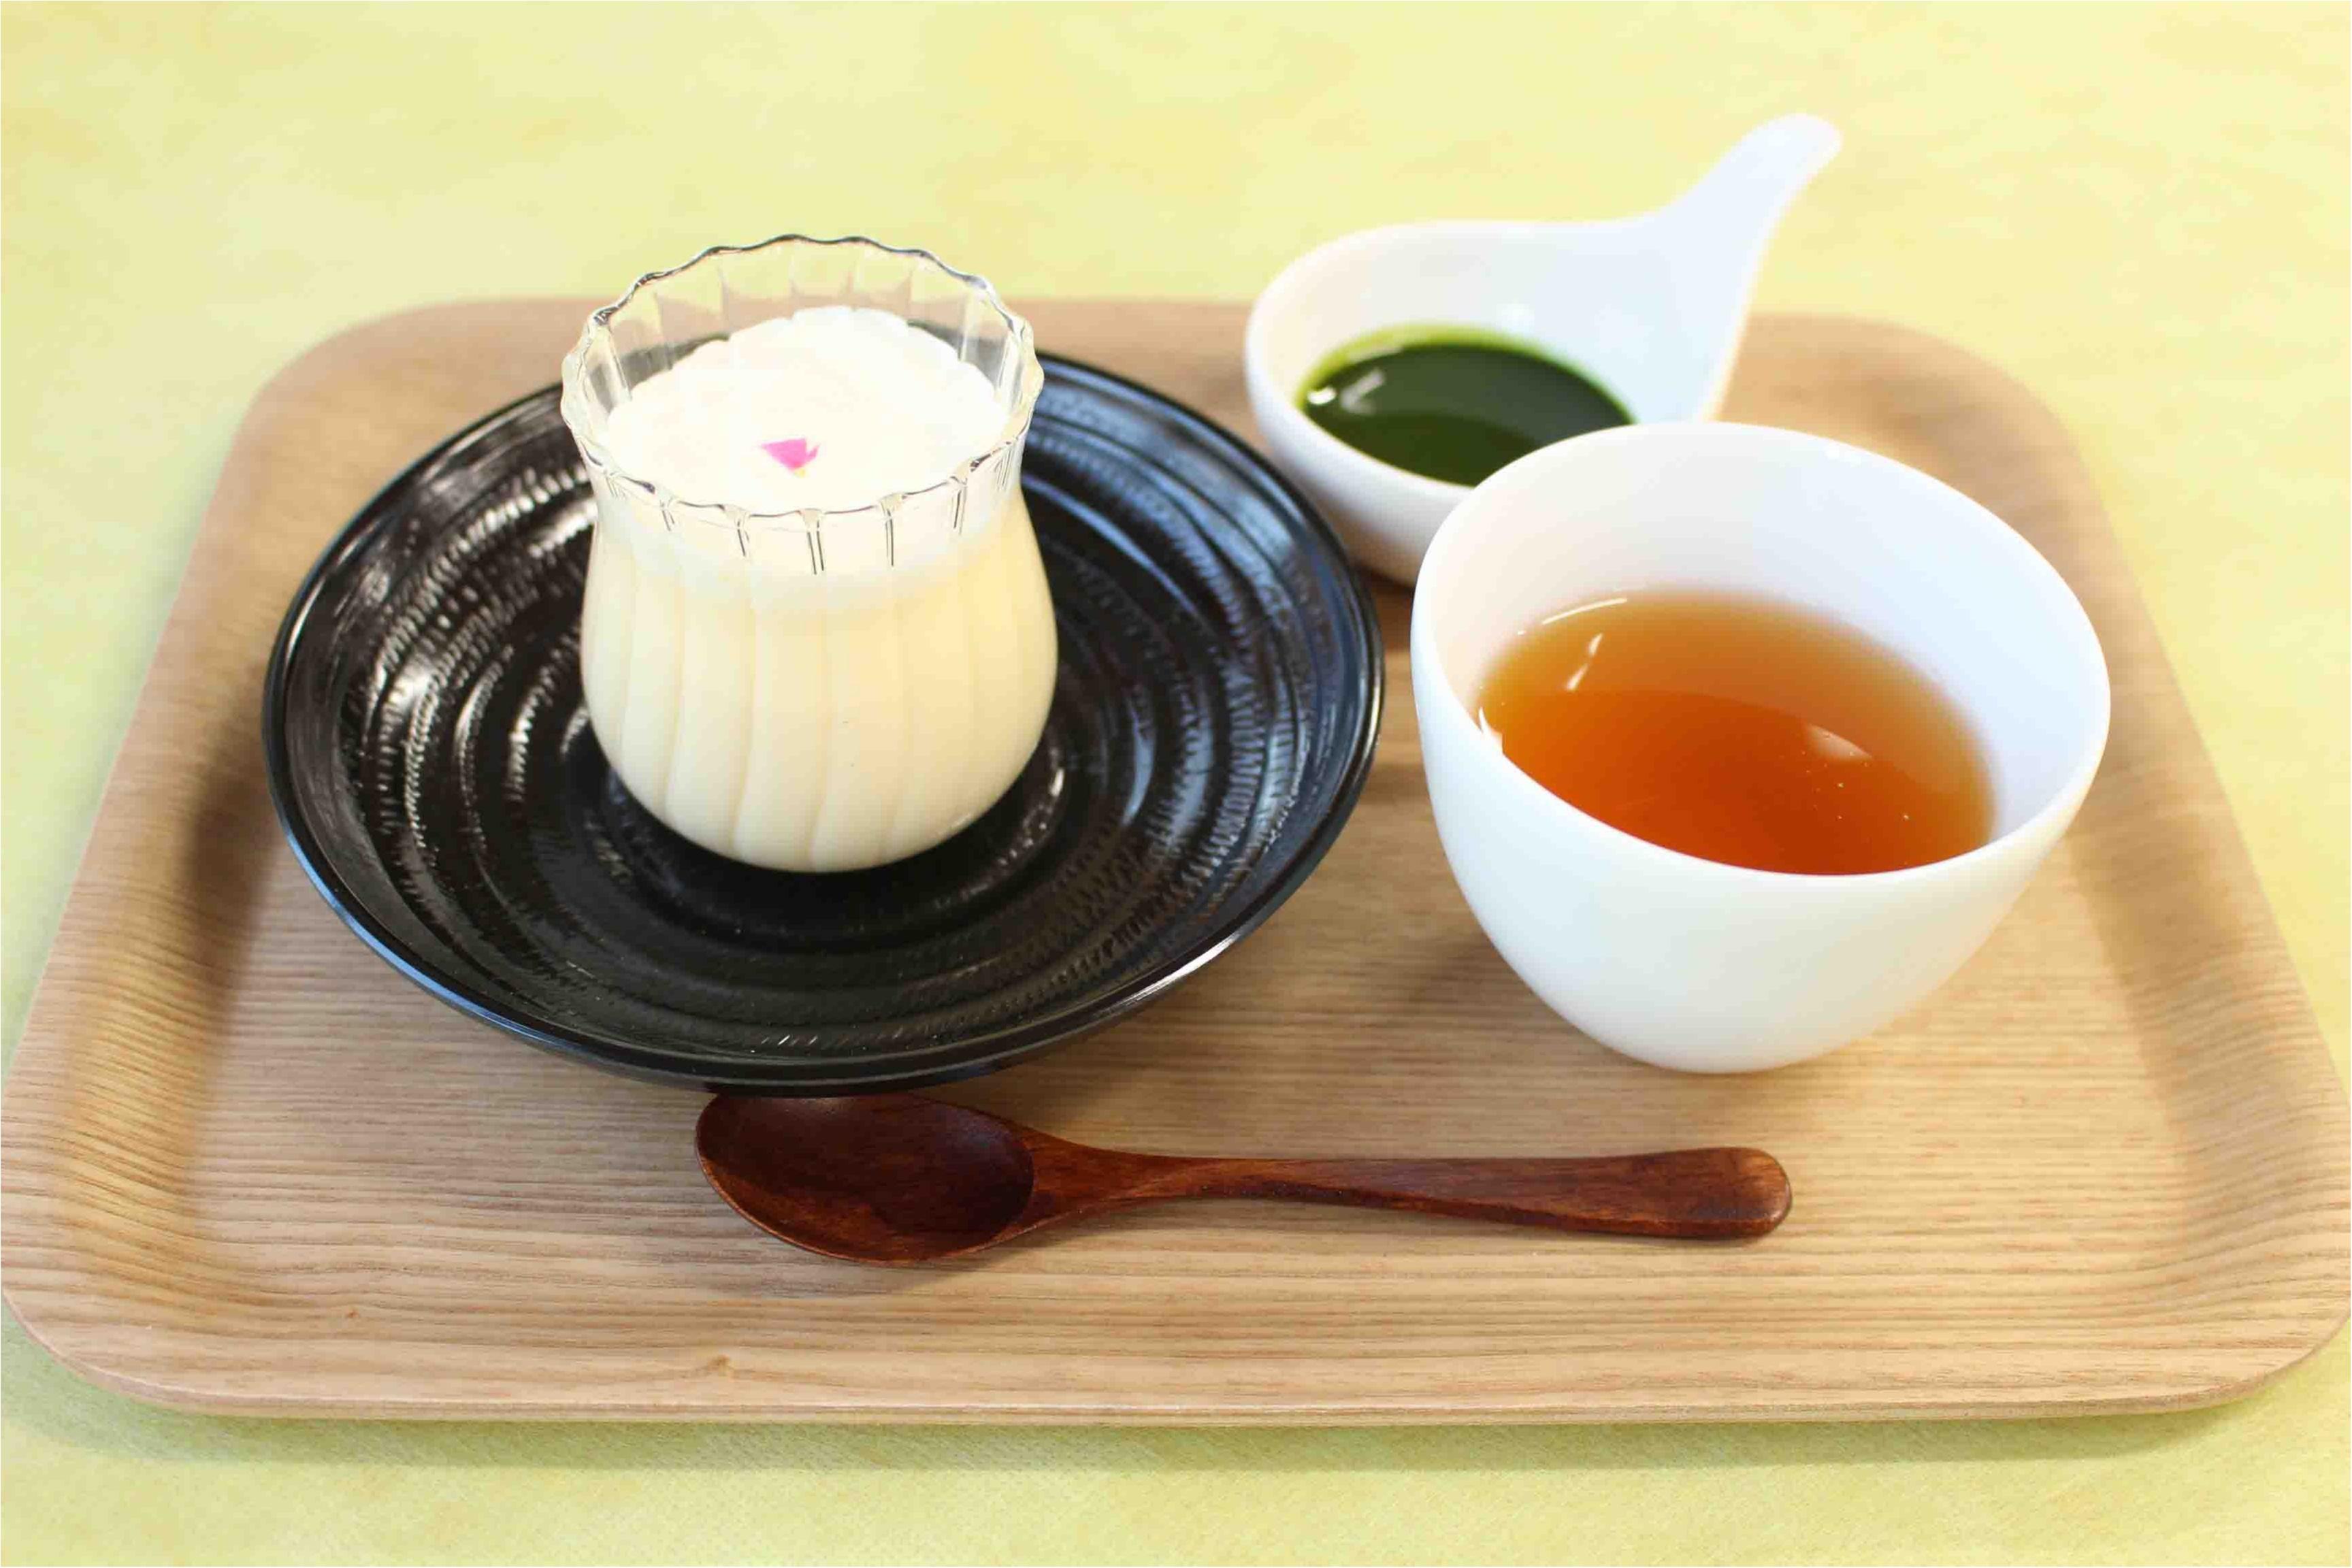 ジューシーなフルーツパフェに、くちどけプリン♪ 岡山県でしか食べられない絶品スイーツをチェック!_2